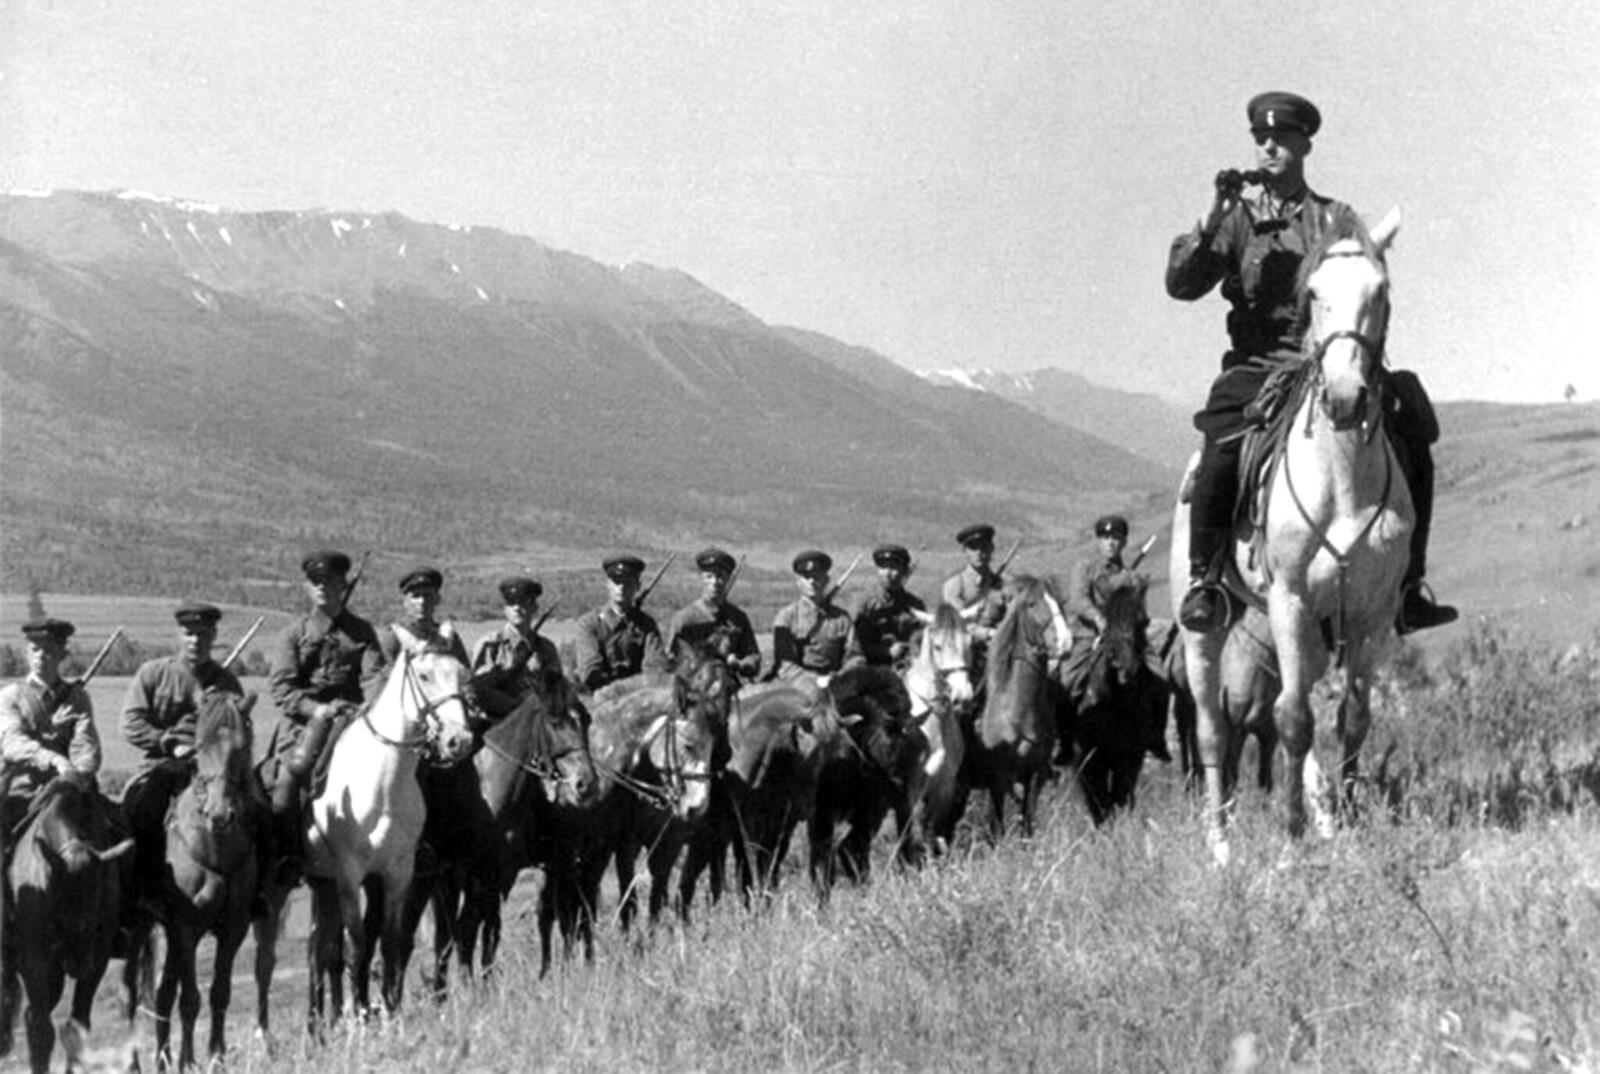 1940. Катон-Карагайский район Восточно-Казахстанской области Казахской ССР. Август